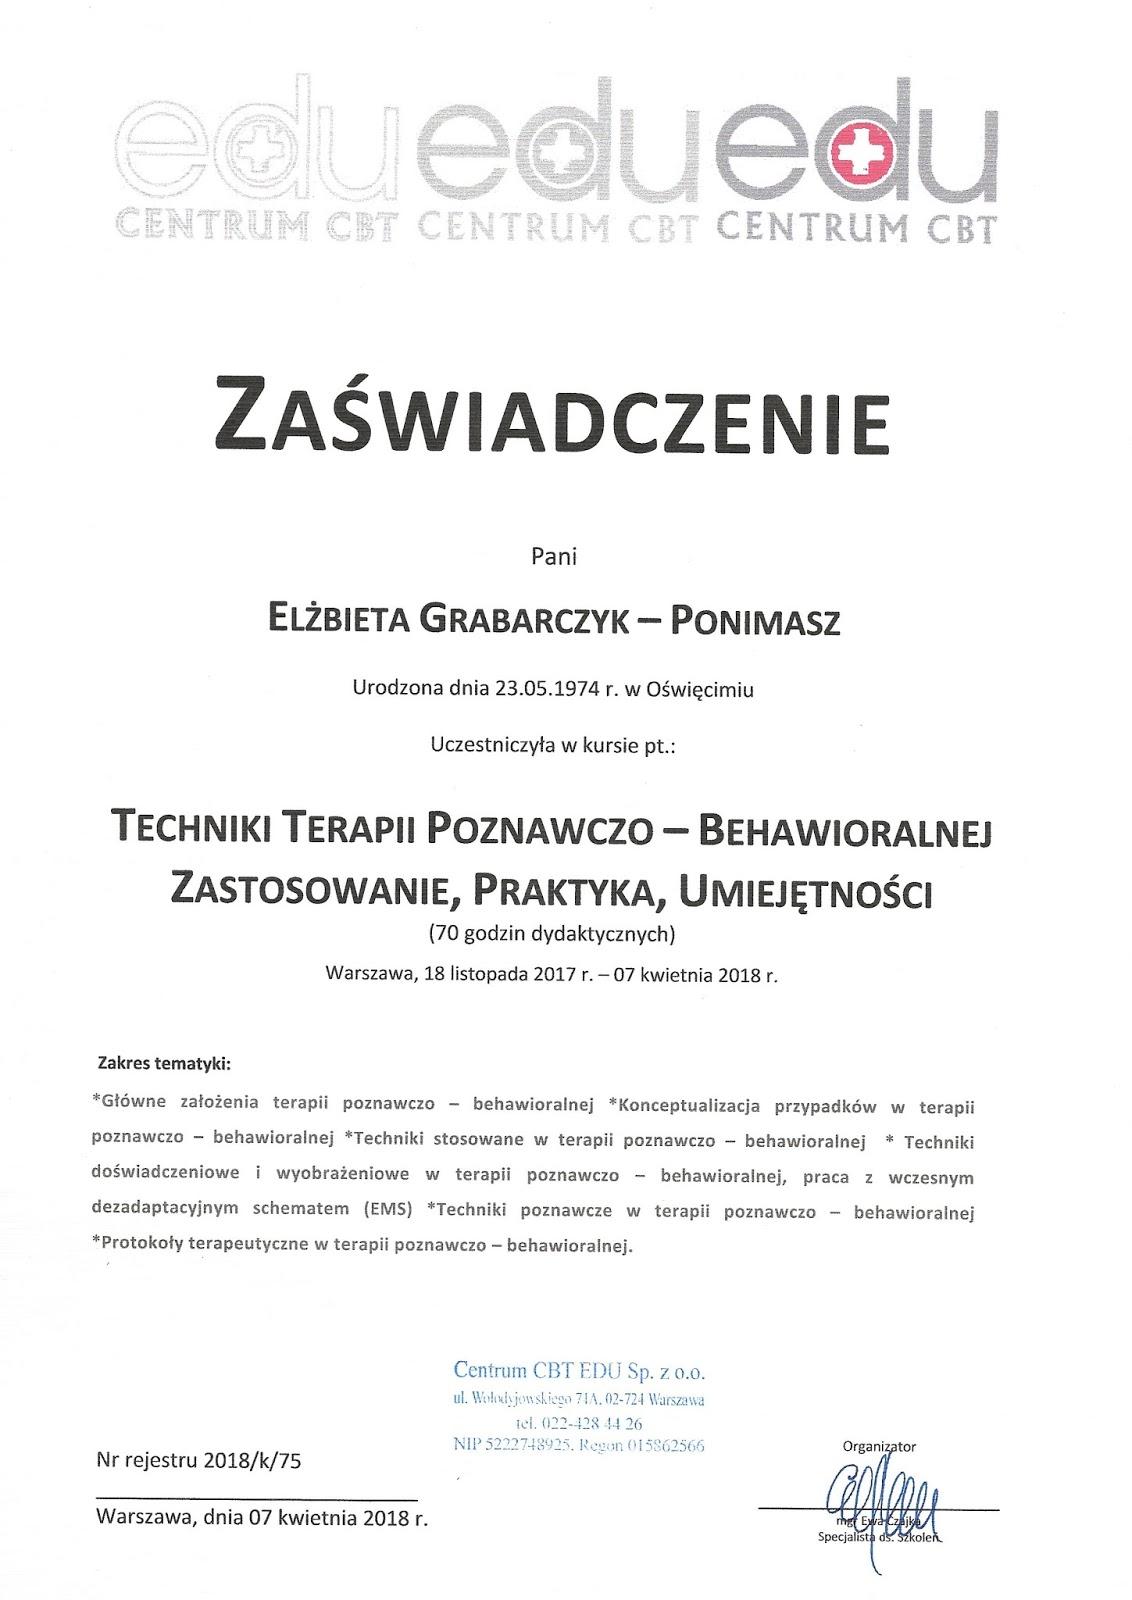 Techniki terapii poznawczo-behawioralnej - dobry psycholog Warszawa